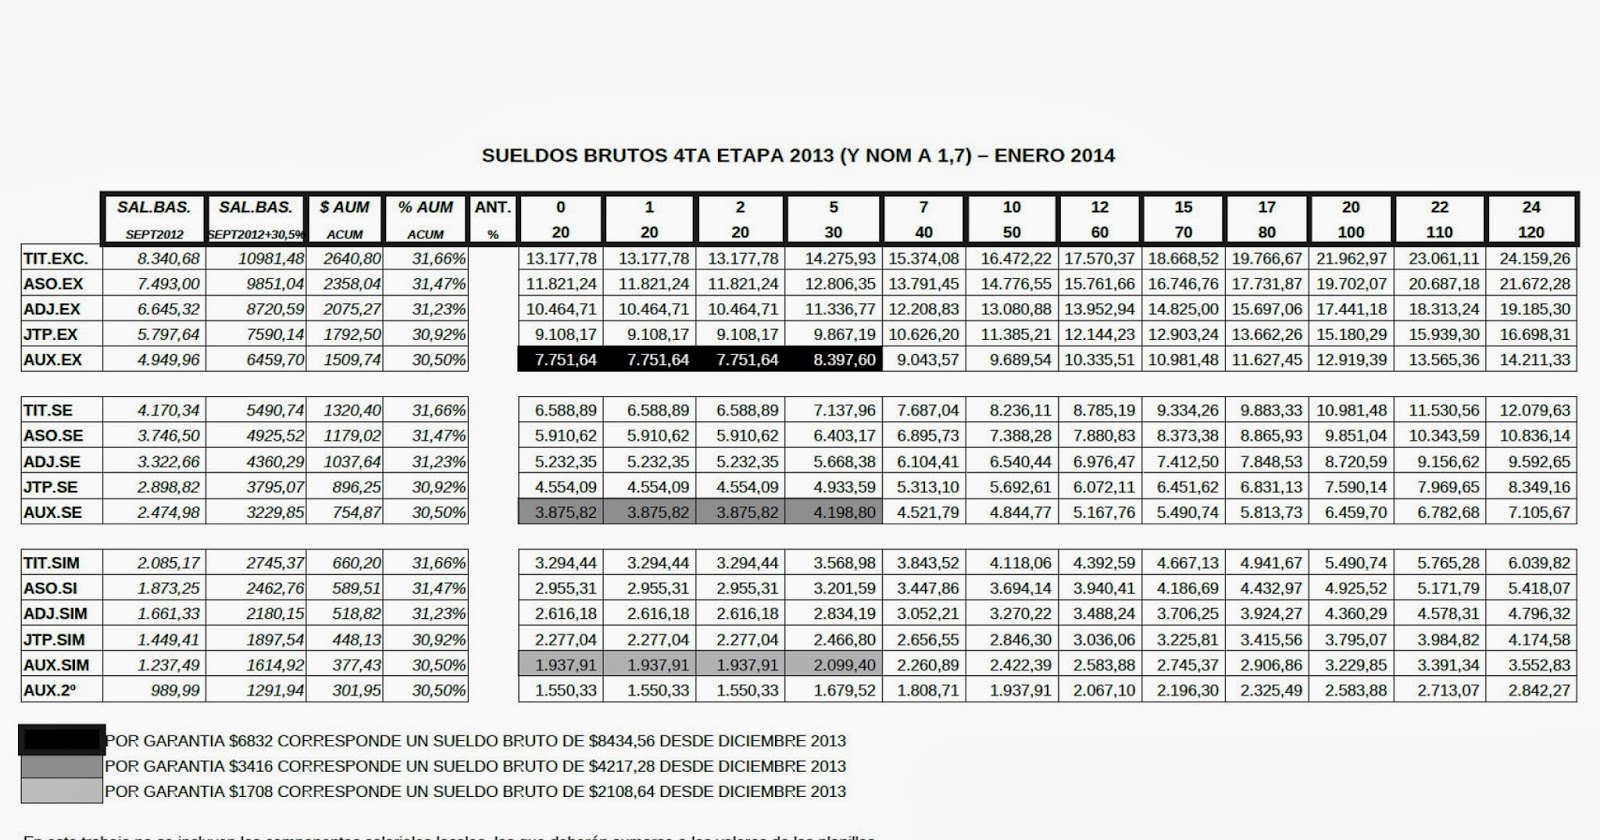 aumento salarial docente: Enero 2014, 7 % para todas las categorías